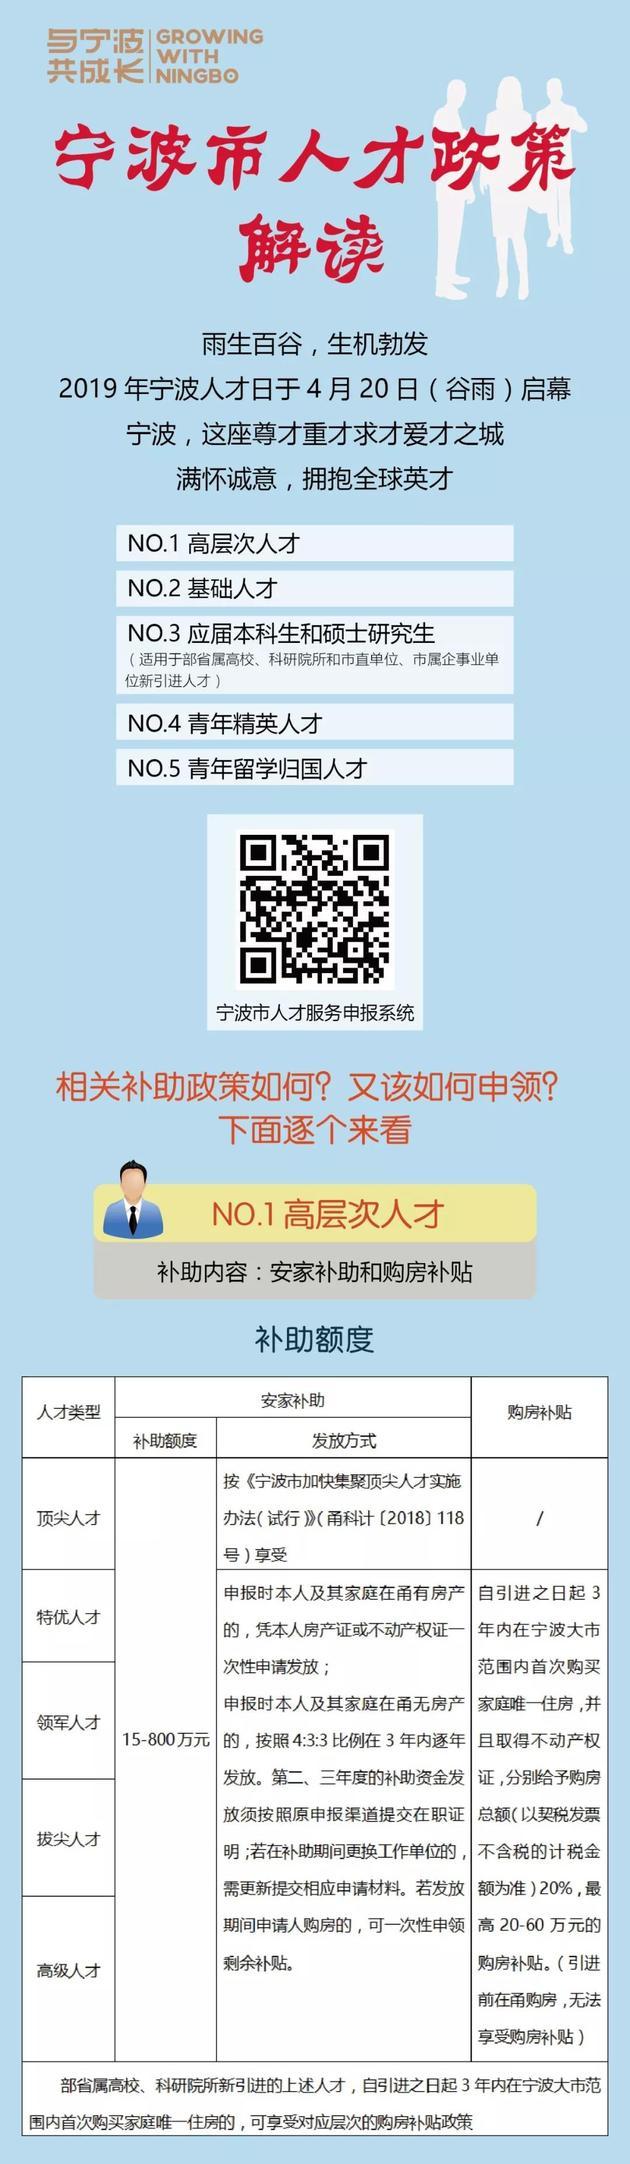 宁波市发布了最新的人才政策:高层次人才购房最高补贴60万元